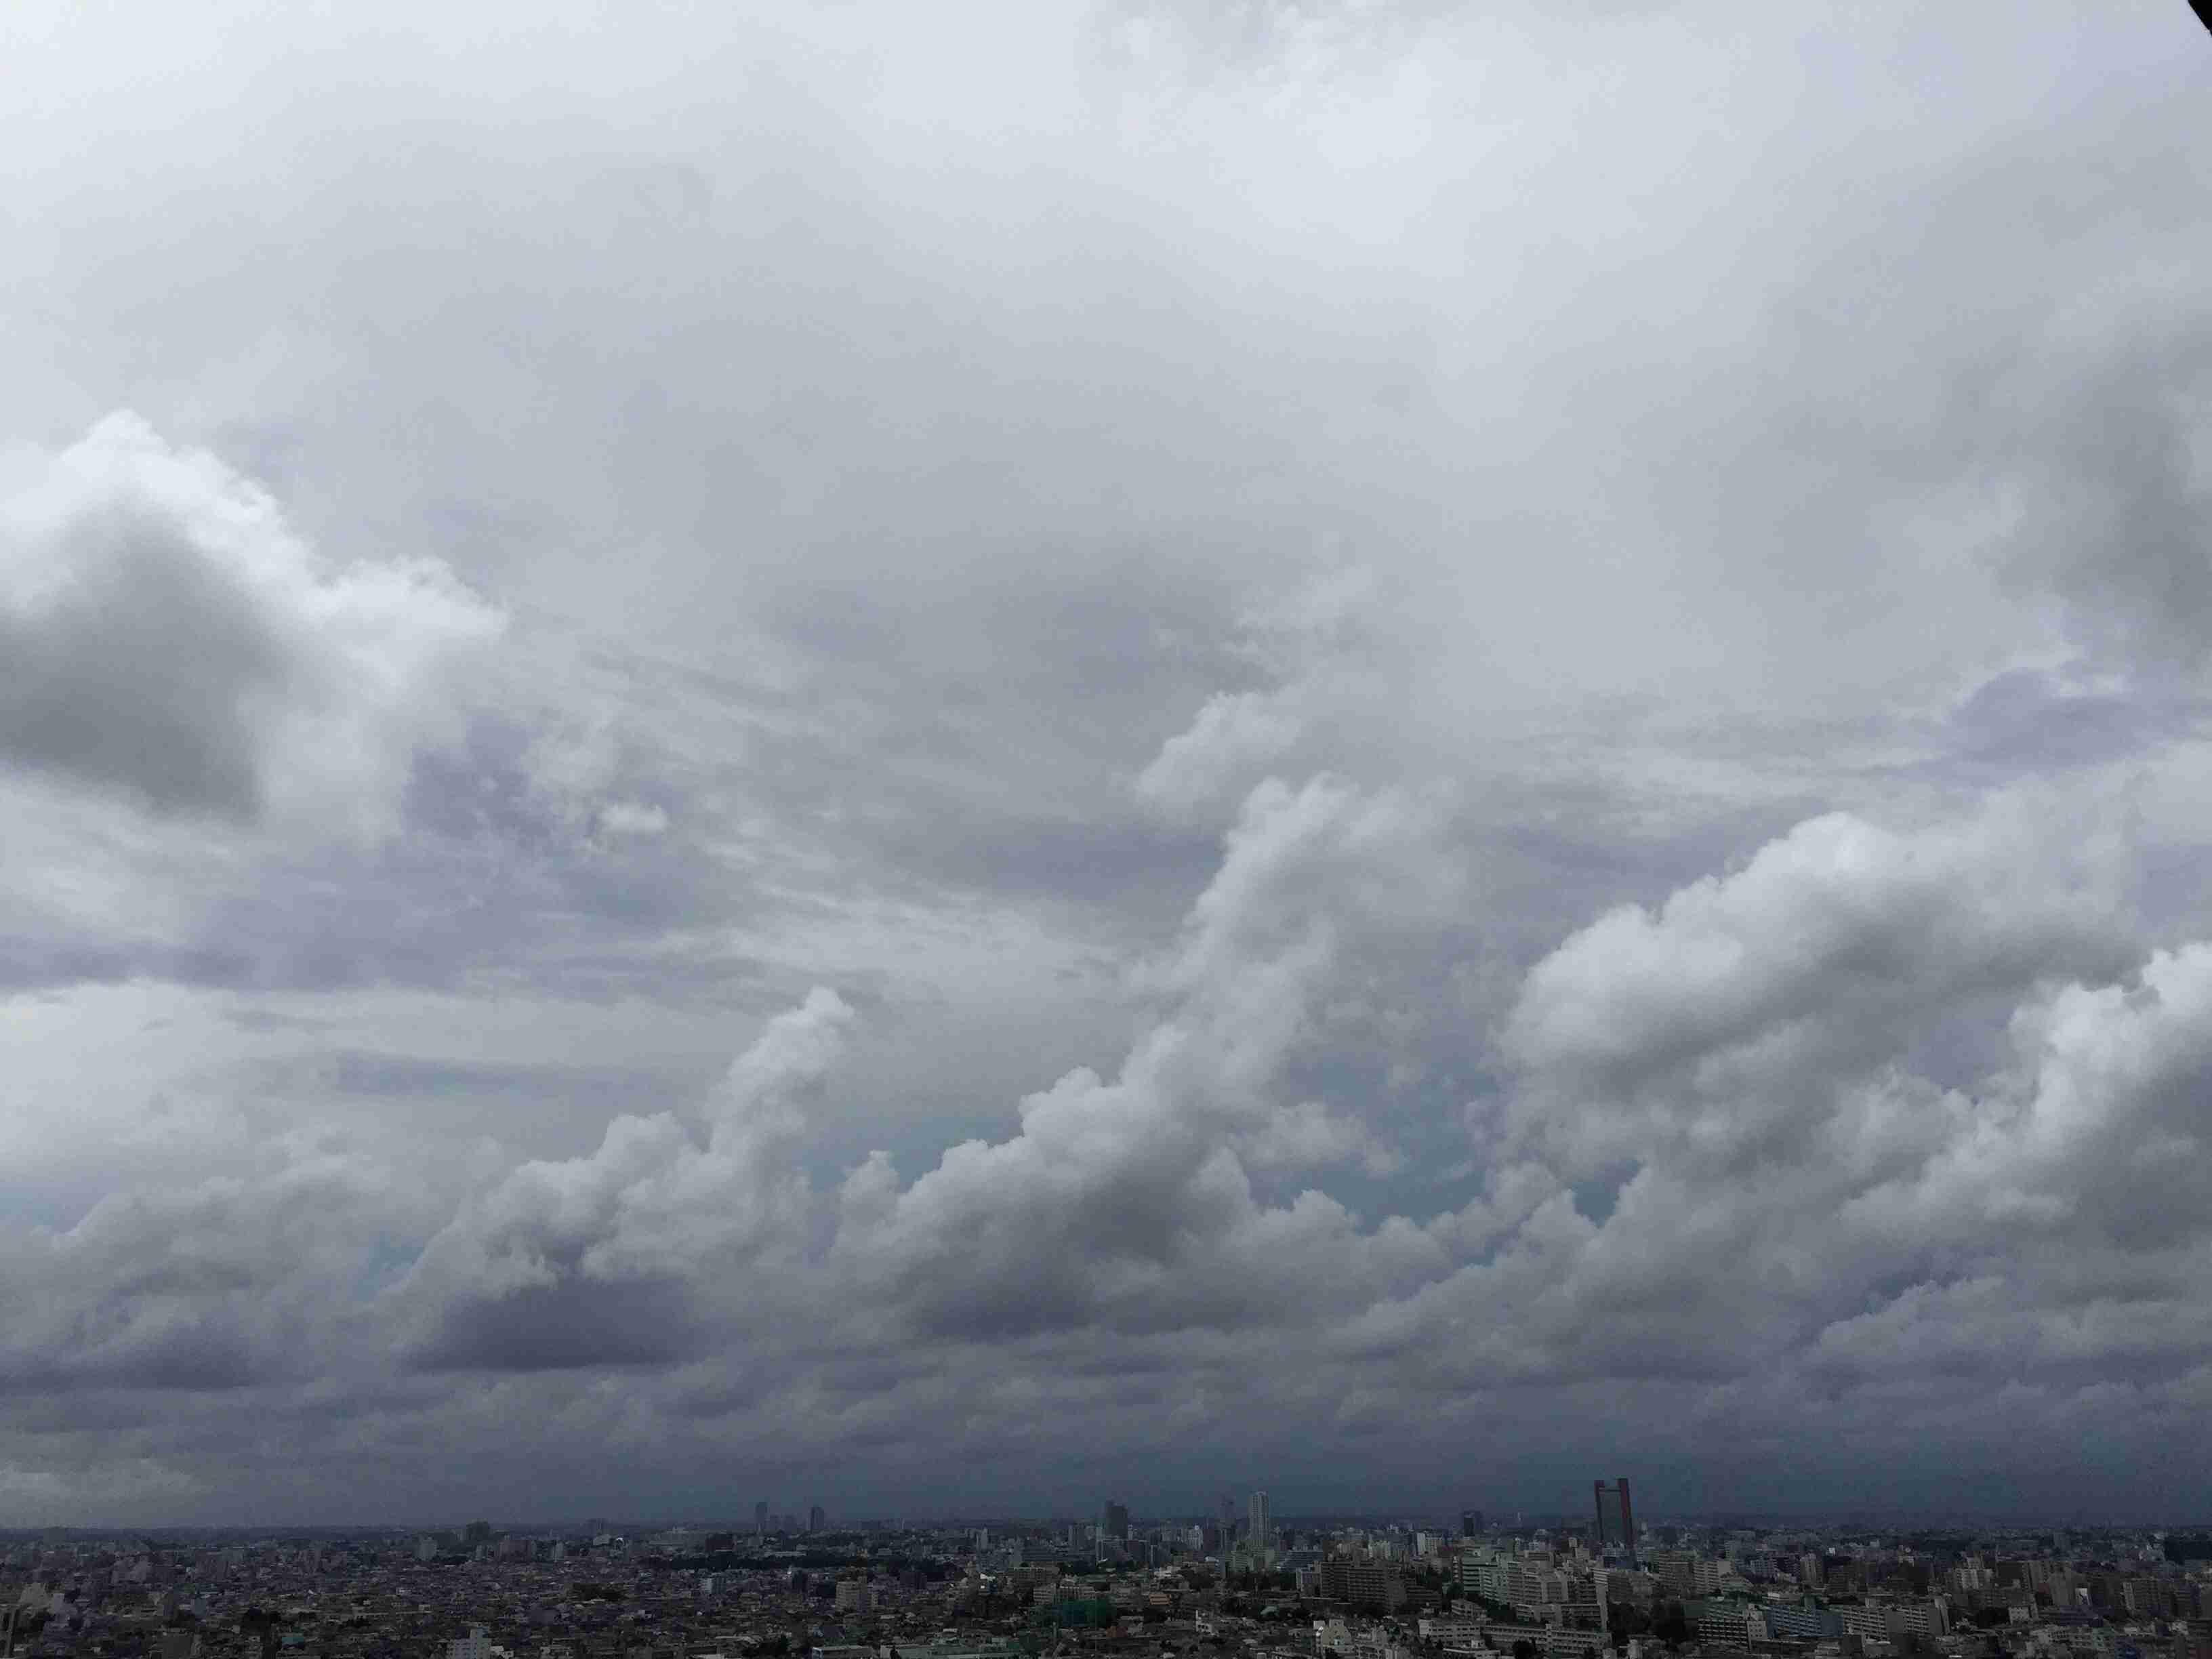 50歳最後の木曜日に見た空と、もめごとについて語る | 岡本夏生オフィシャルサイト